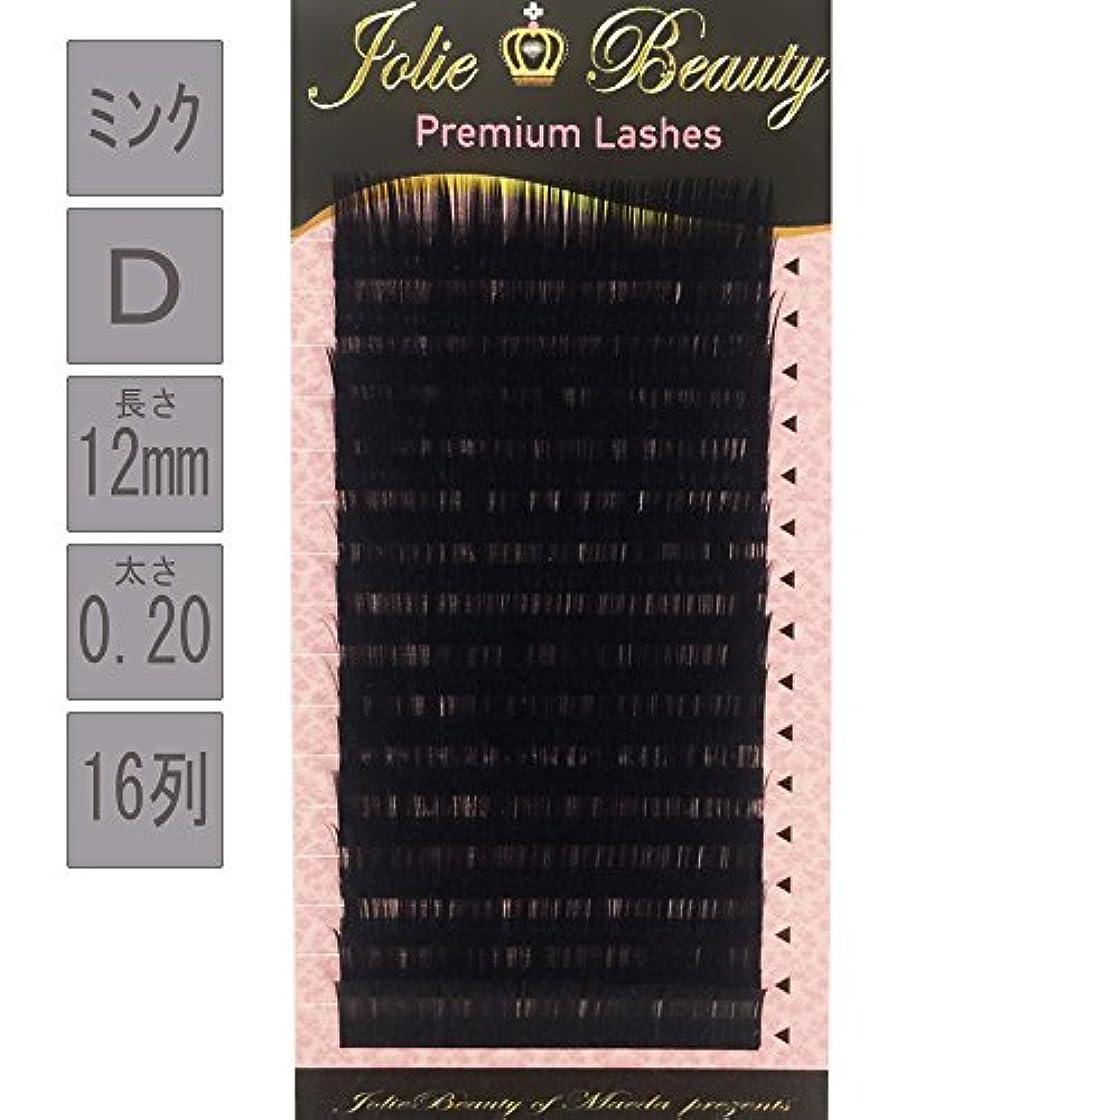 大破みなさんピッチまつ毛 エクステ 長さ 12mm ( 12ミリ ) 太さ 0.10 0.15 0.18 0.20 0.25 MINK ( ミンク ) 原産国 韓国 (0.20, D) 16列